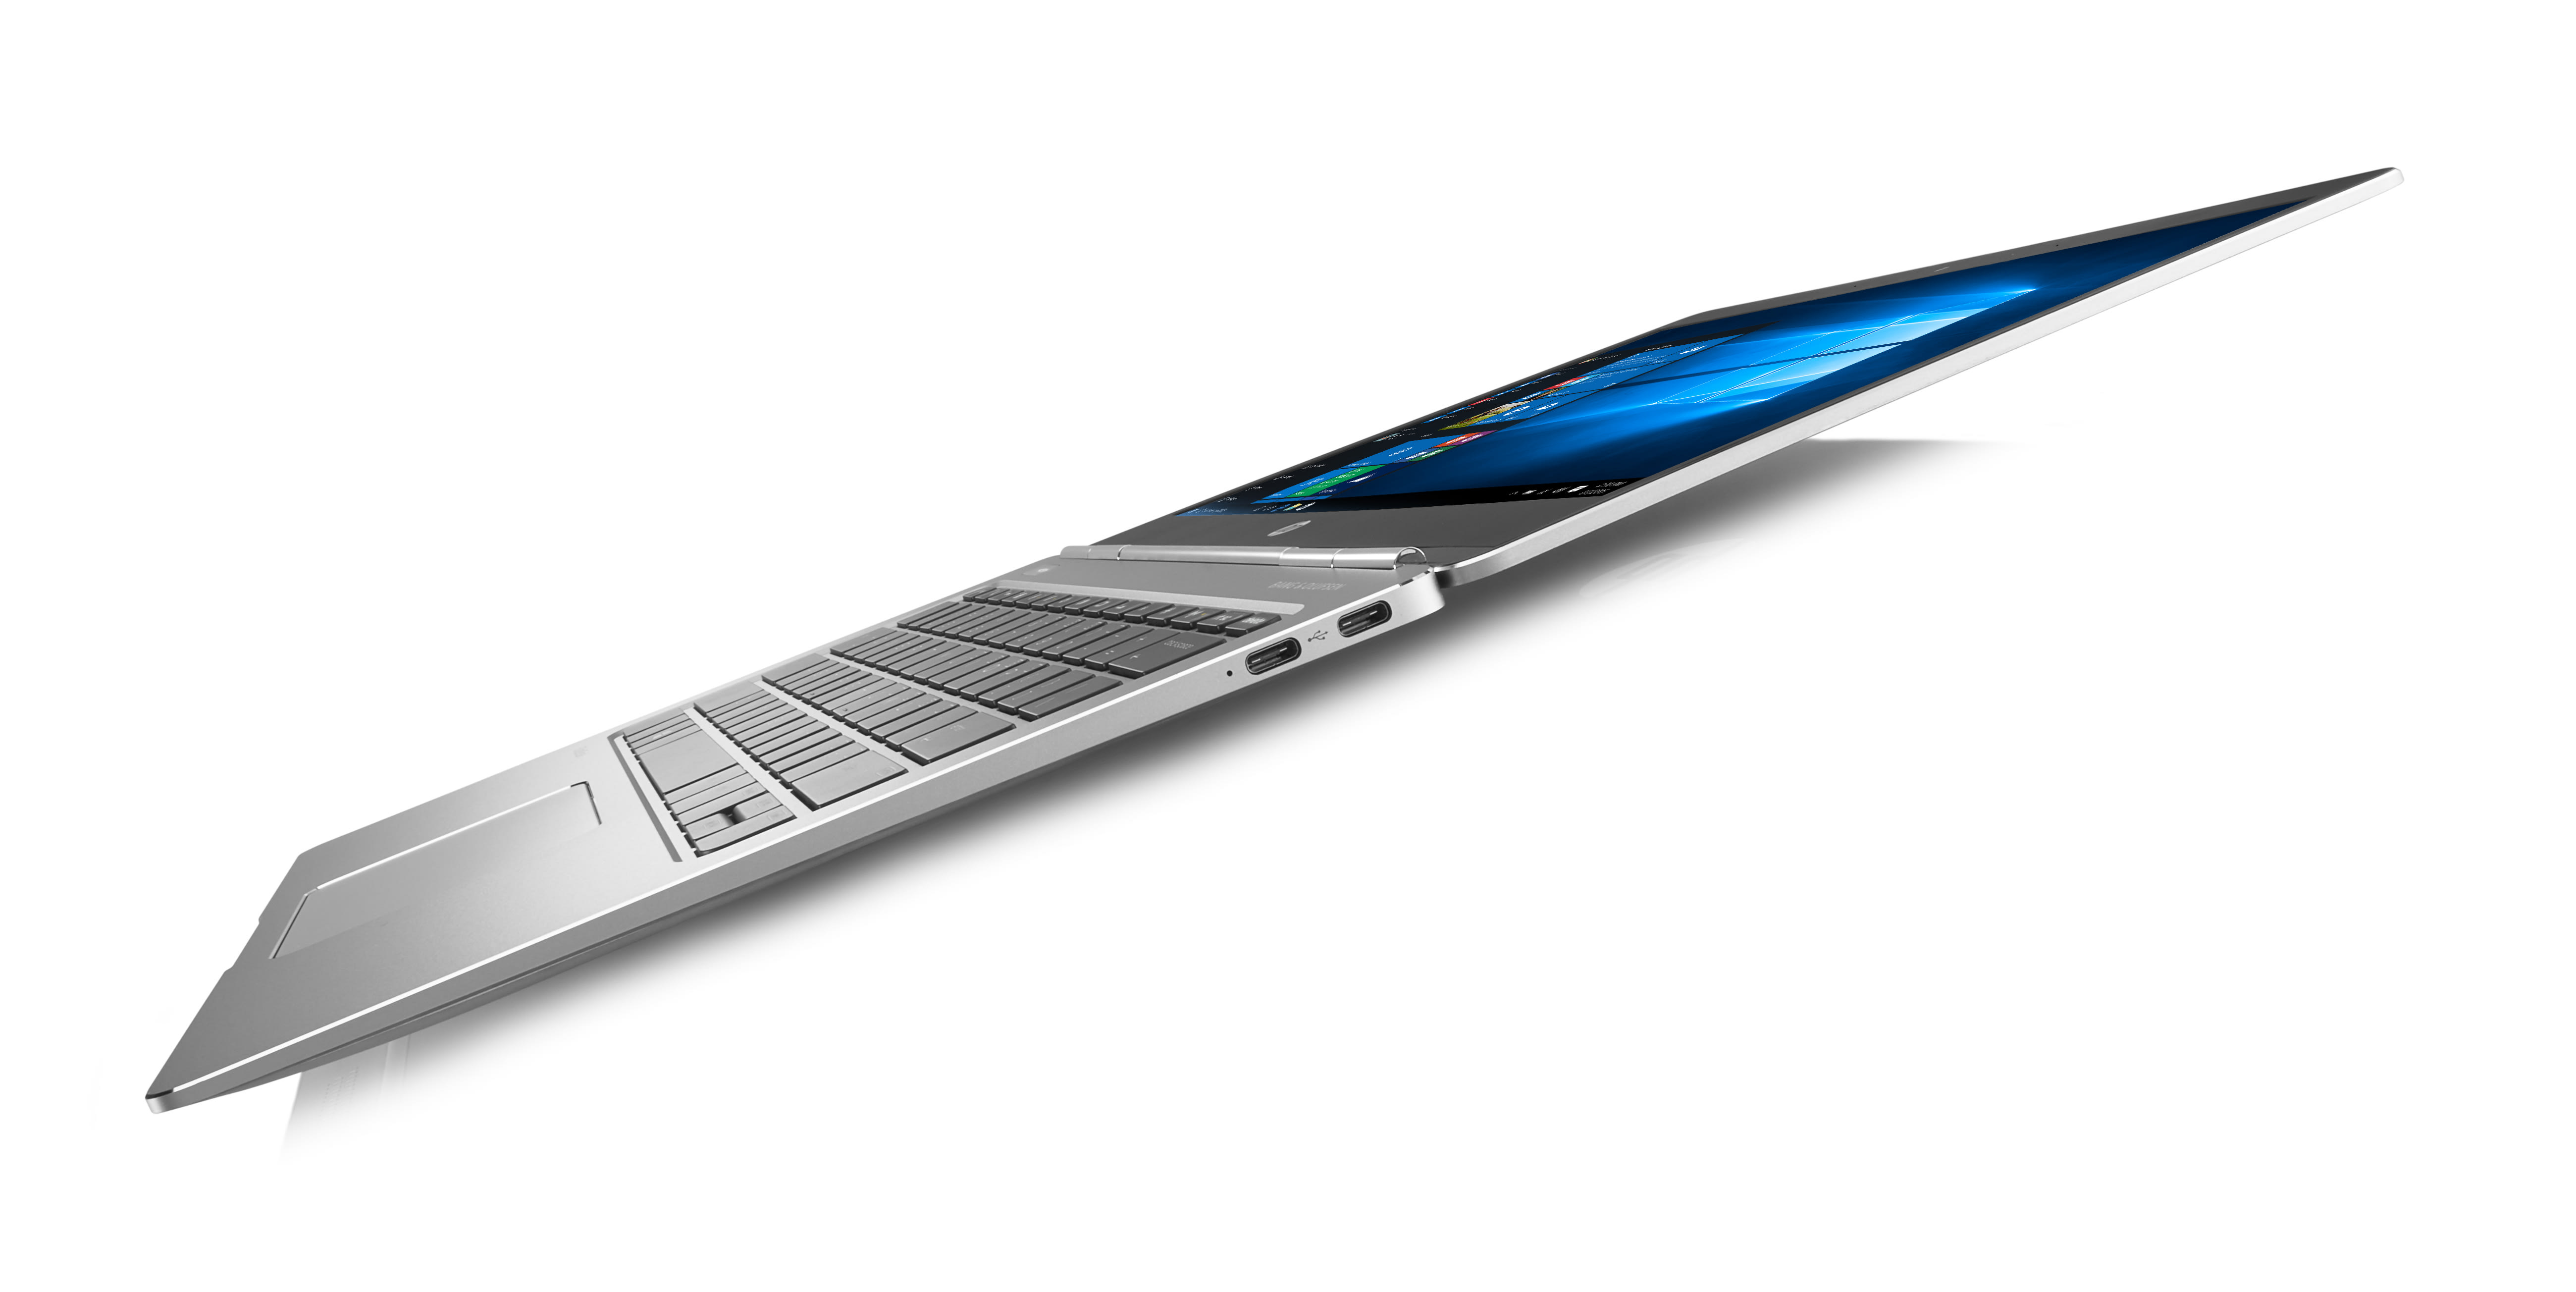 El nuevo portátil profesional de HP es tan atractivo que tú también lo querrás